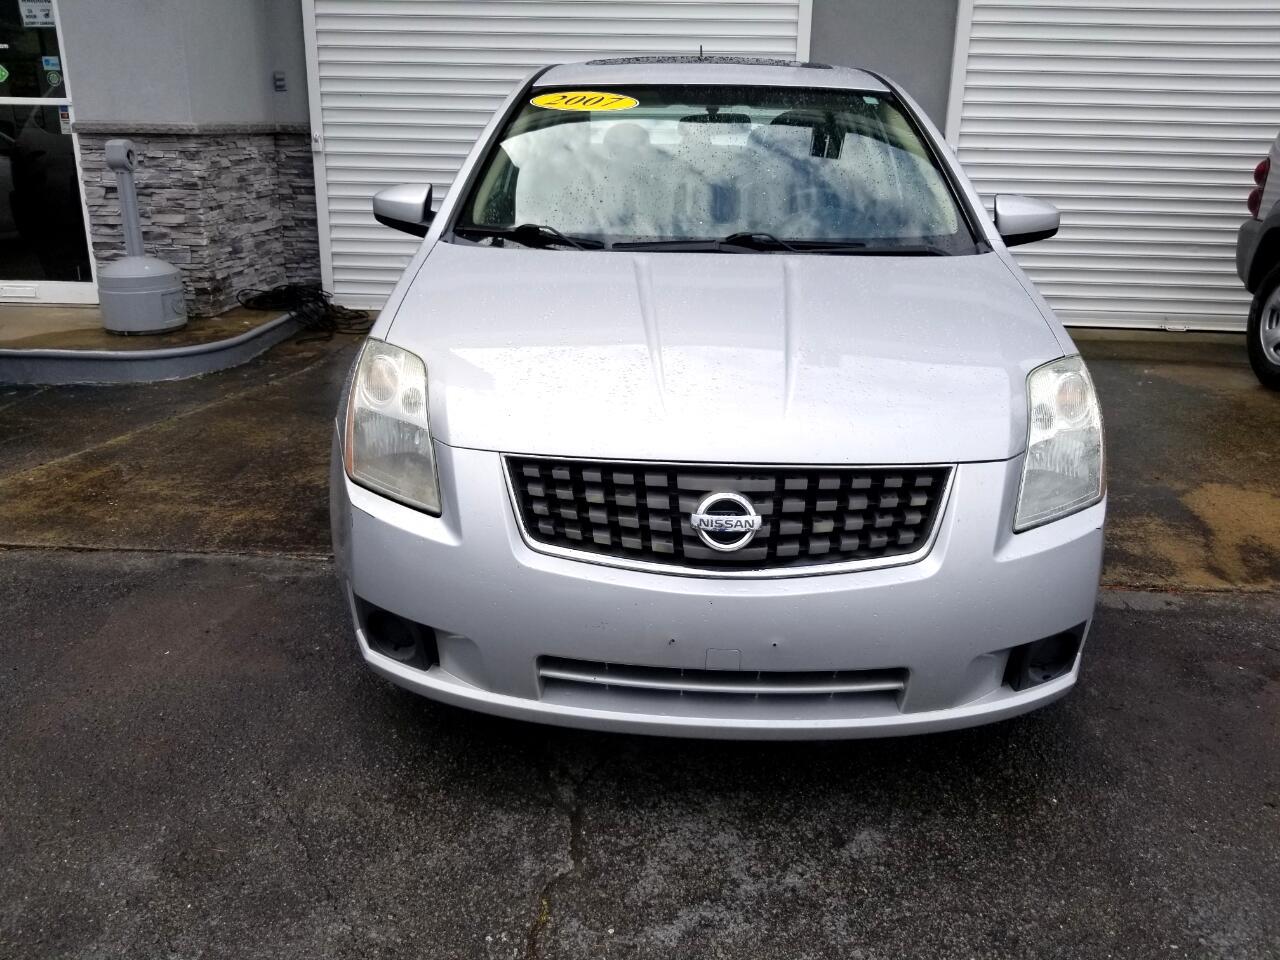 Nissan Sentra 2.0 SL 2007